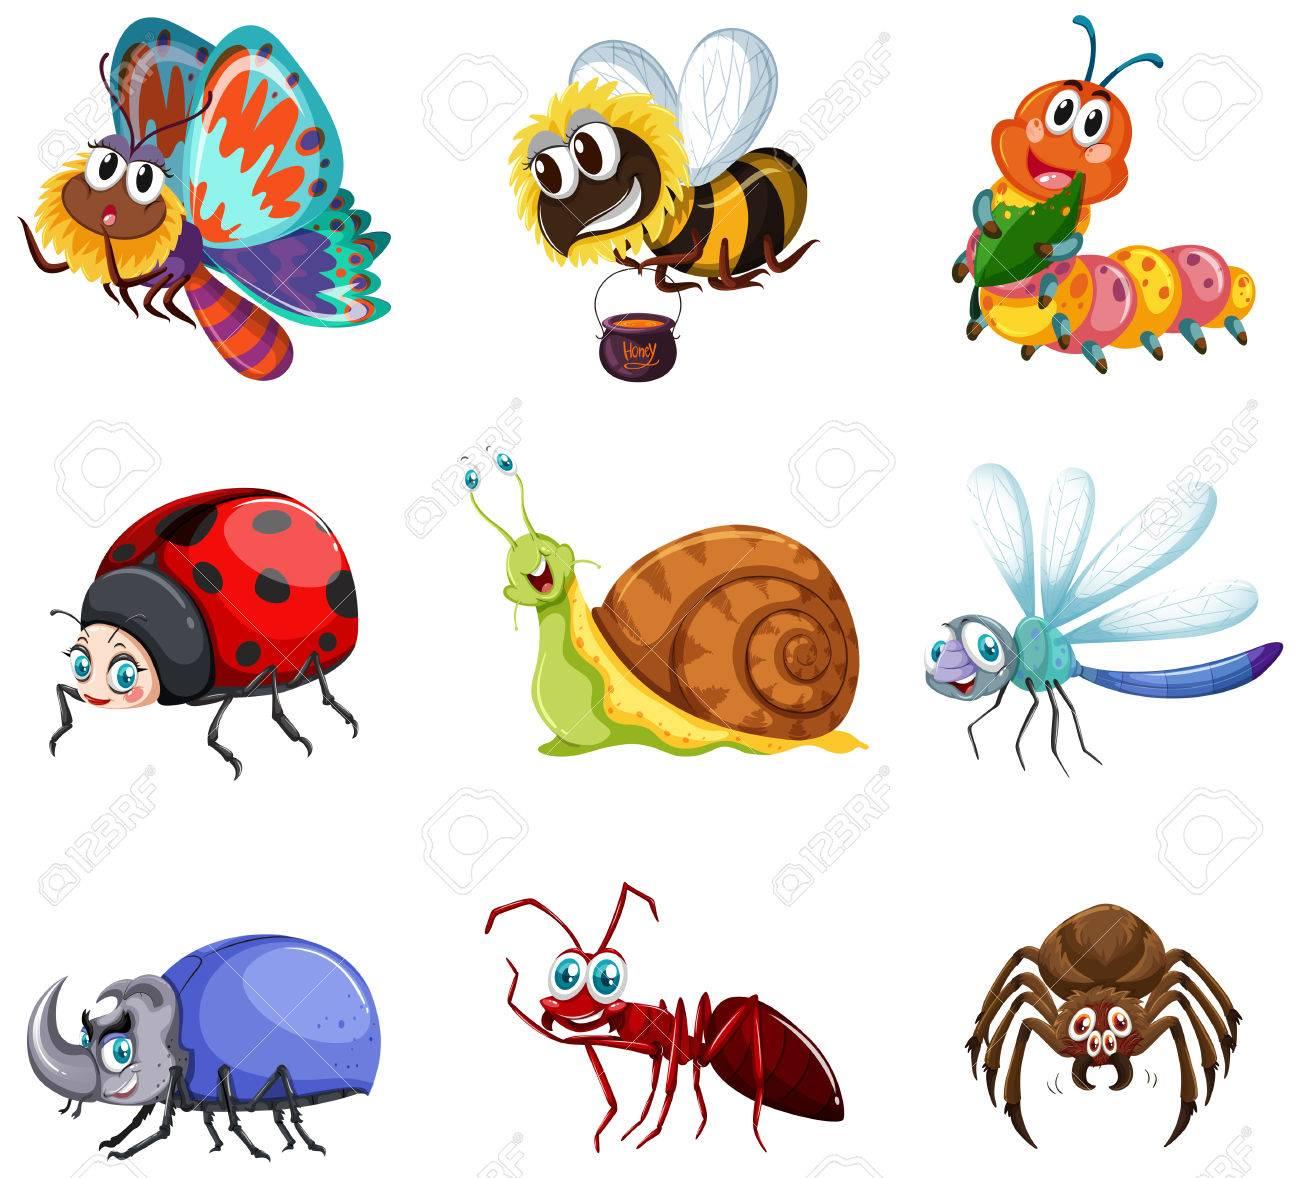 昆虫イラスト種類のイラスト素材ベクタ Image 83398908